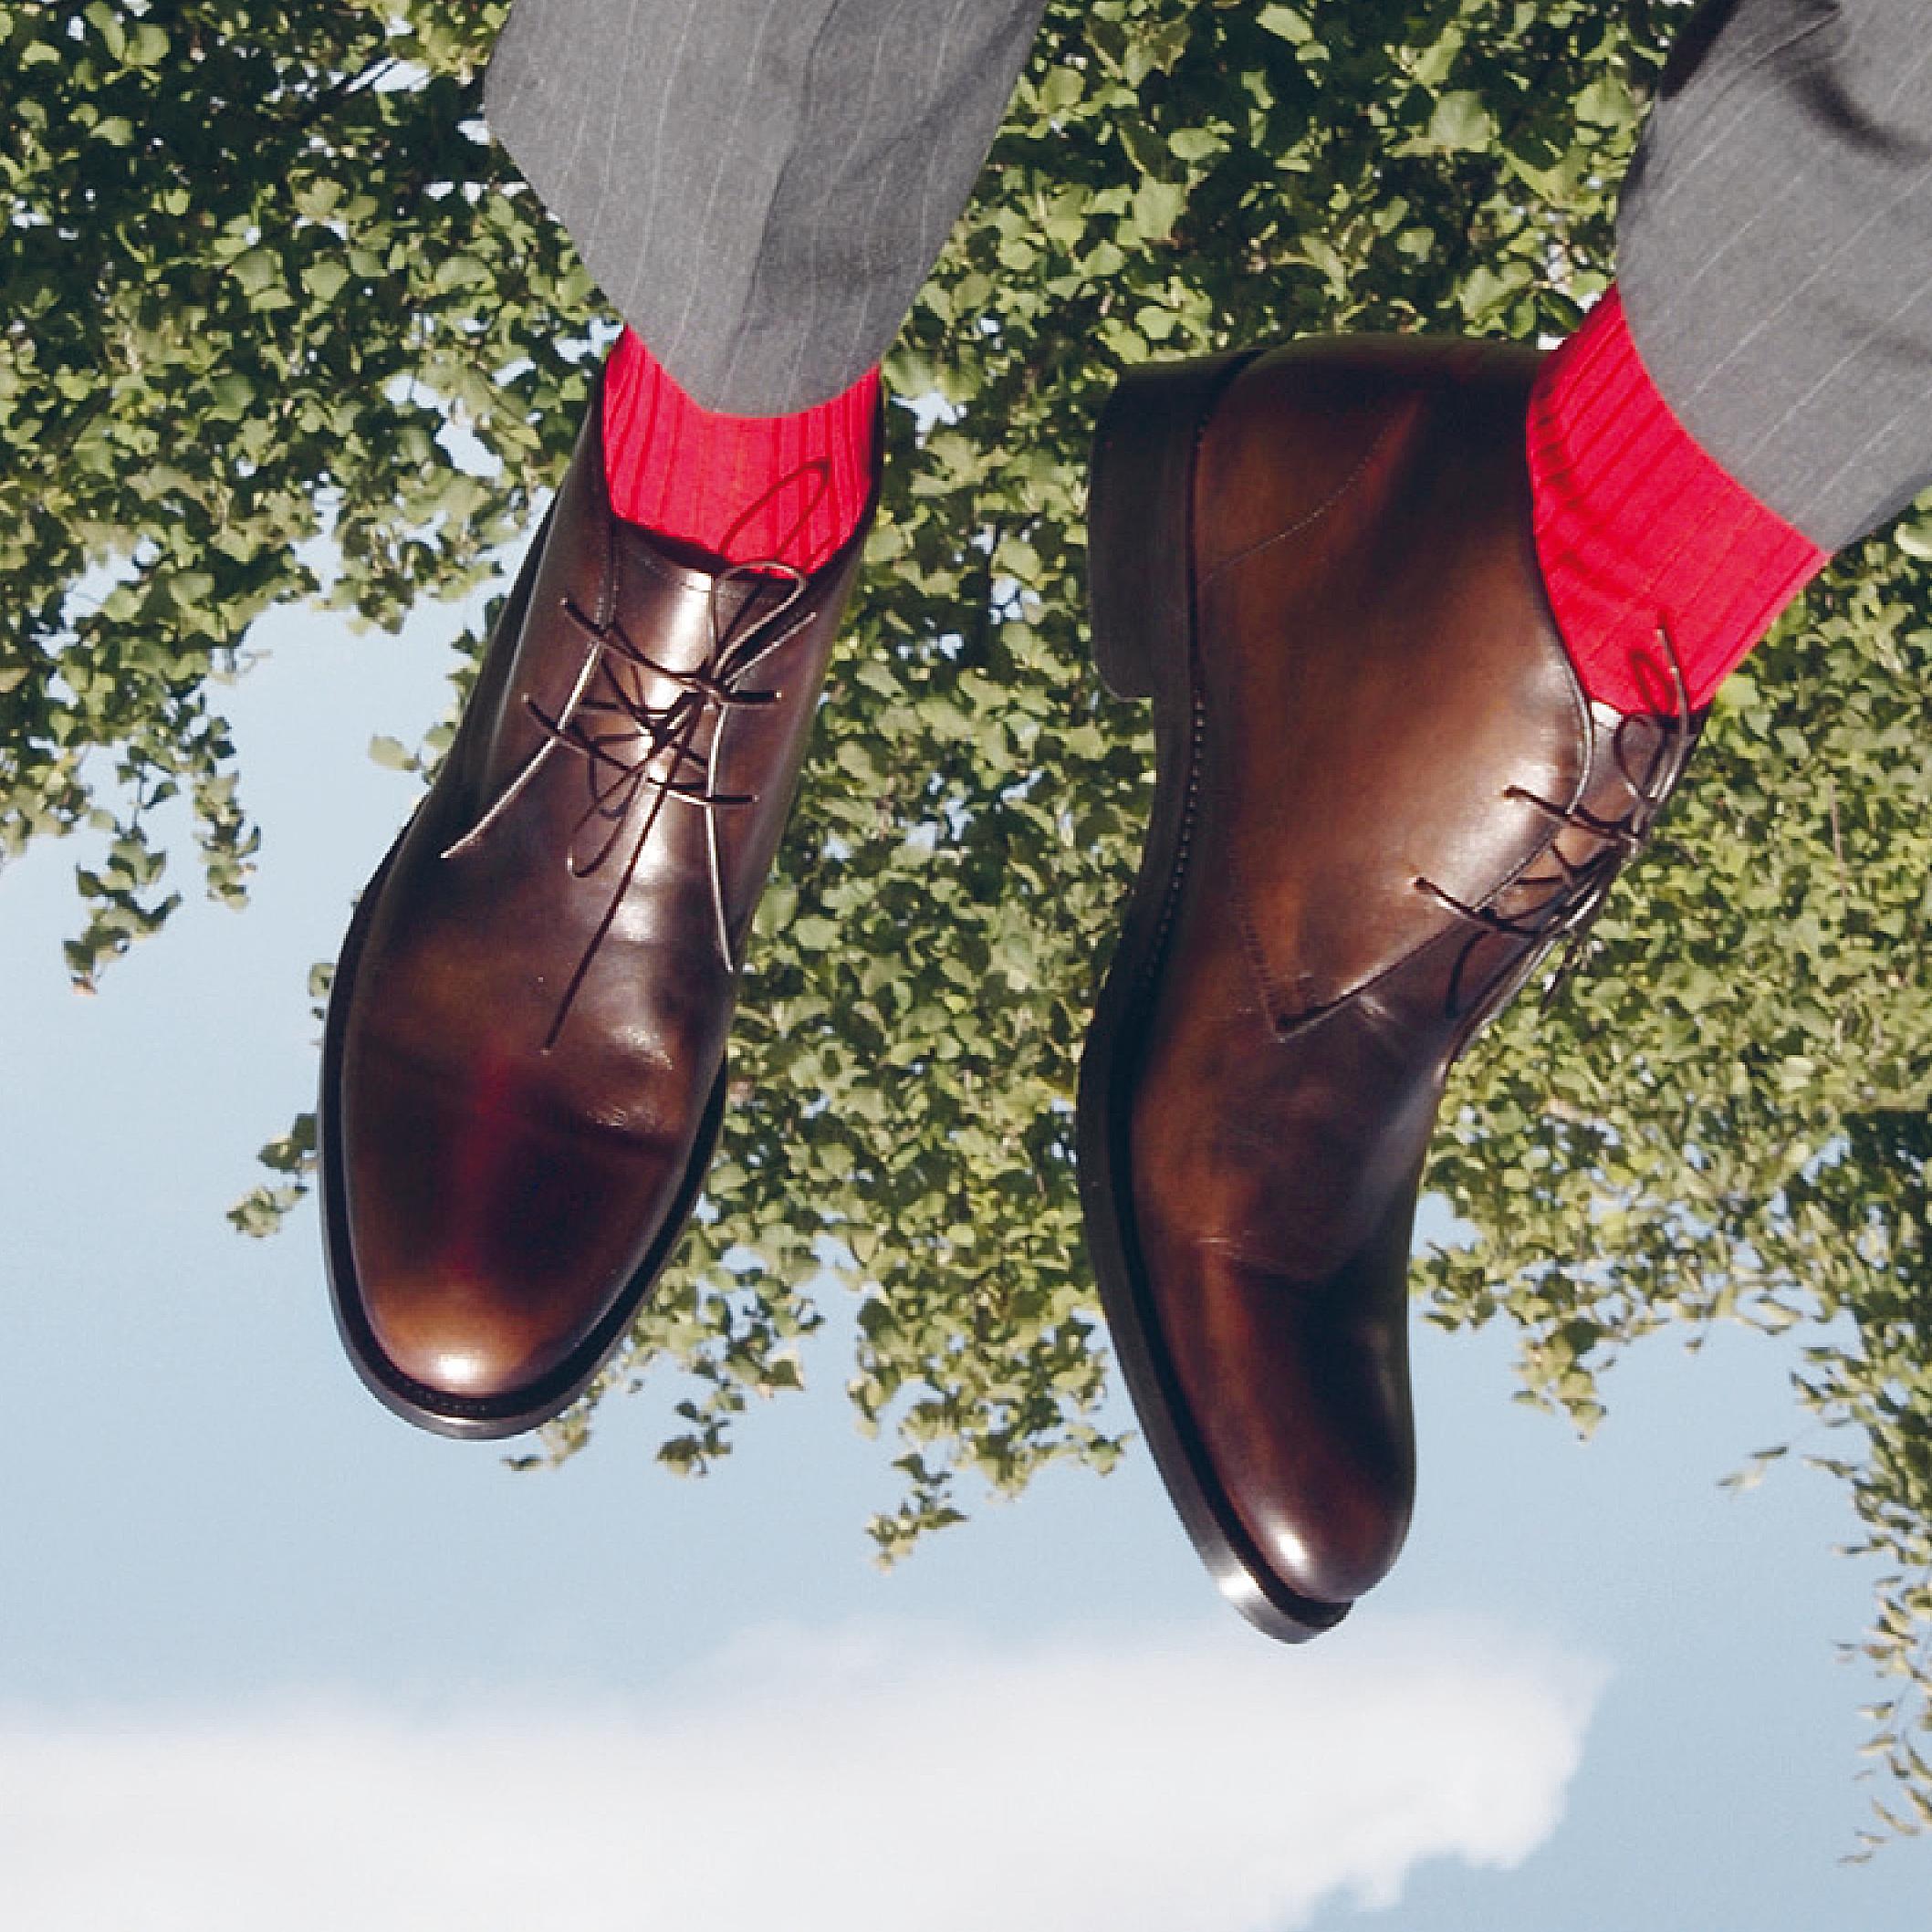 Herrenschuhe Risch, blaue Socken